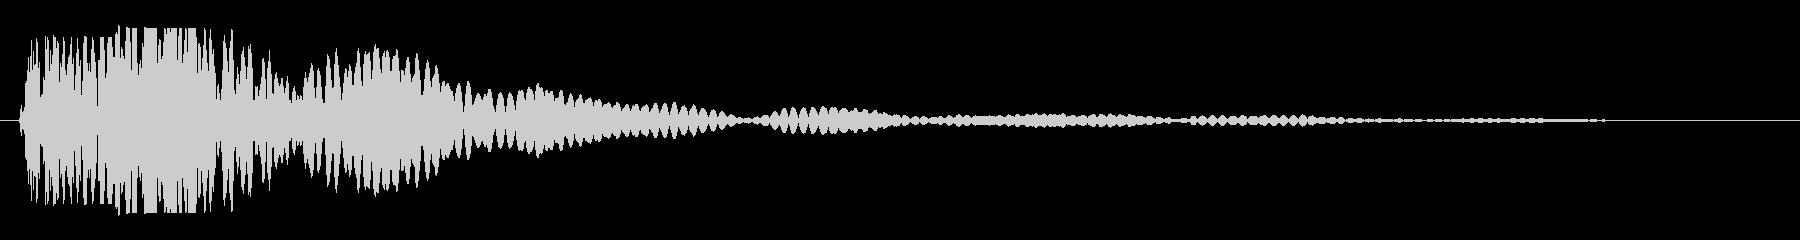 バシーンと何かがぶつかった音、衝撃音の未再生の波形